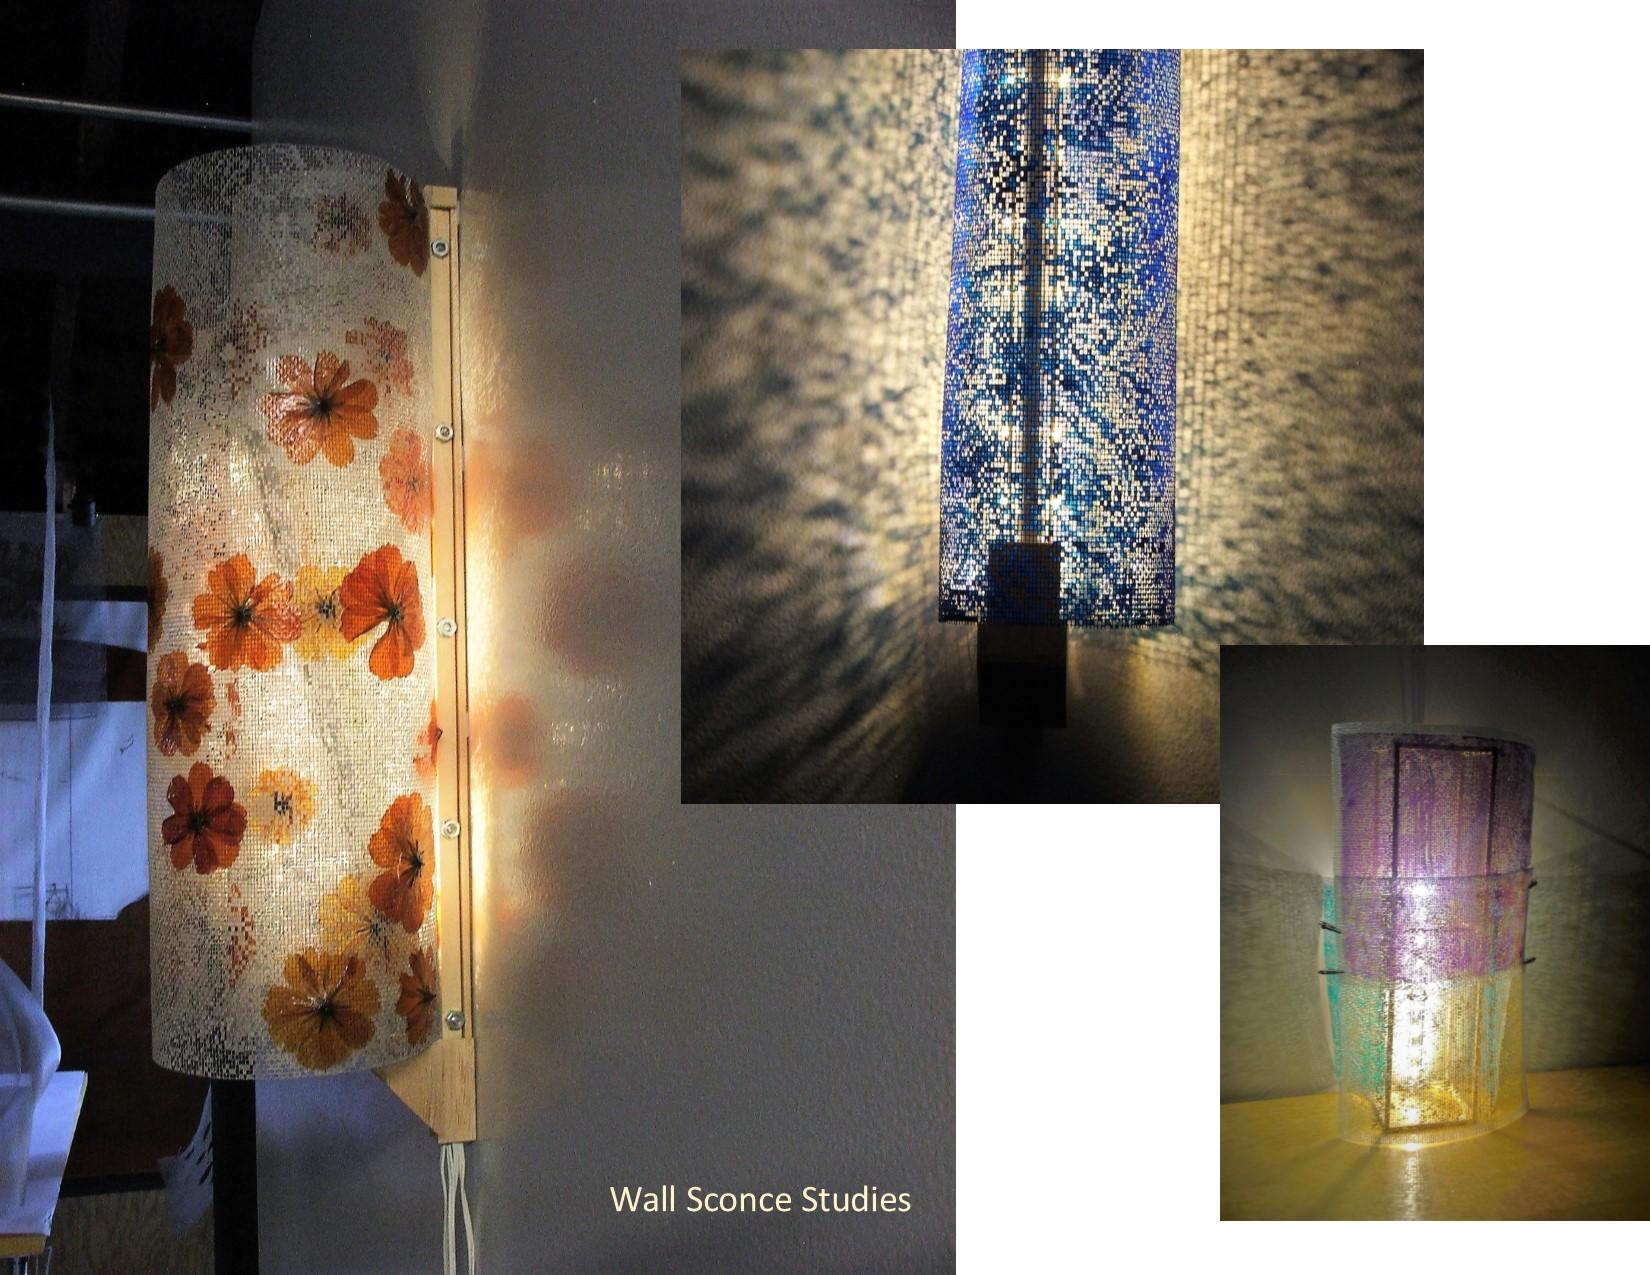 18-01-13_Wall Sconce Studies.jpg